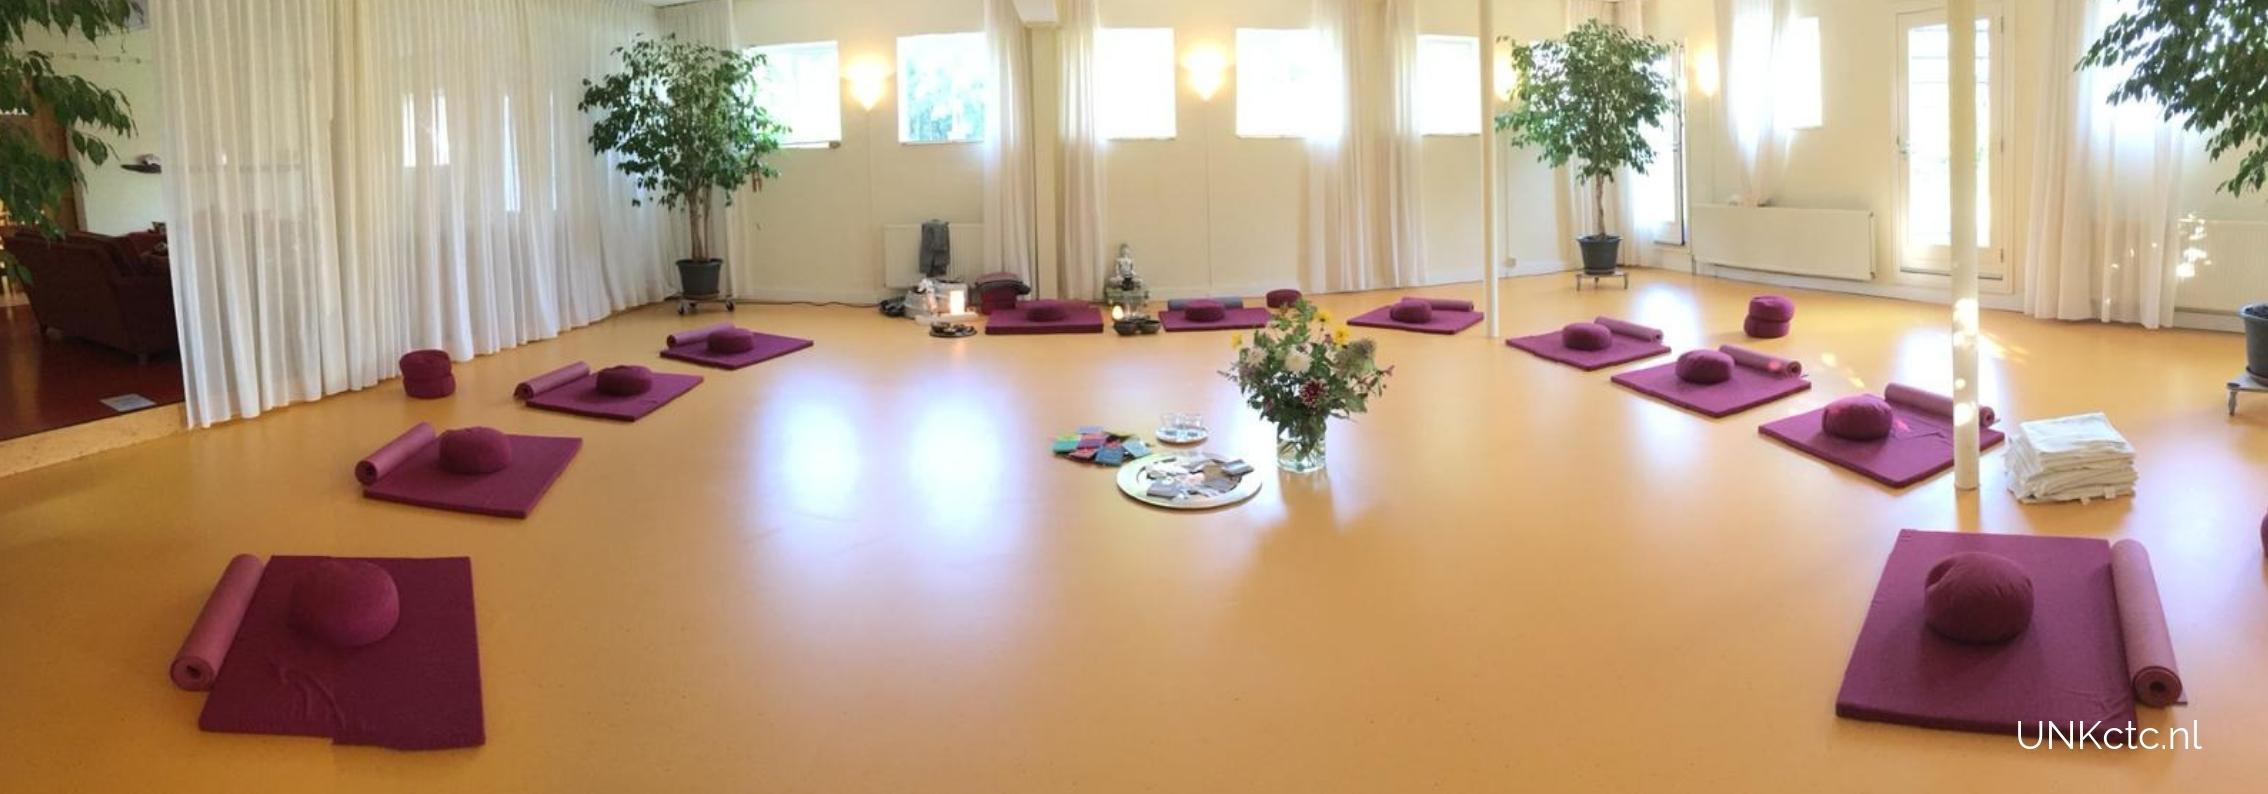 UNKctc.nl MIndful Yoga Weekend (4)